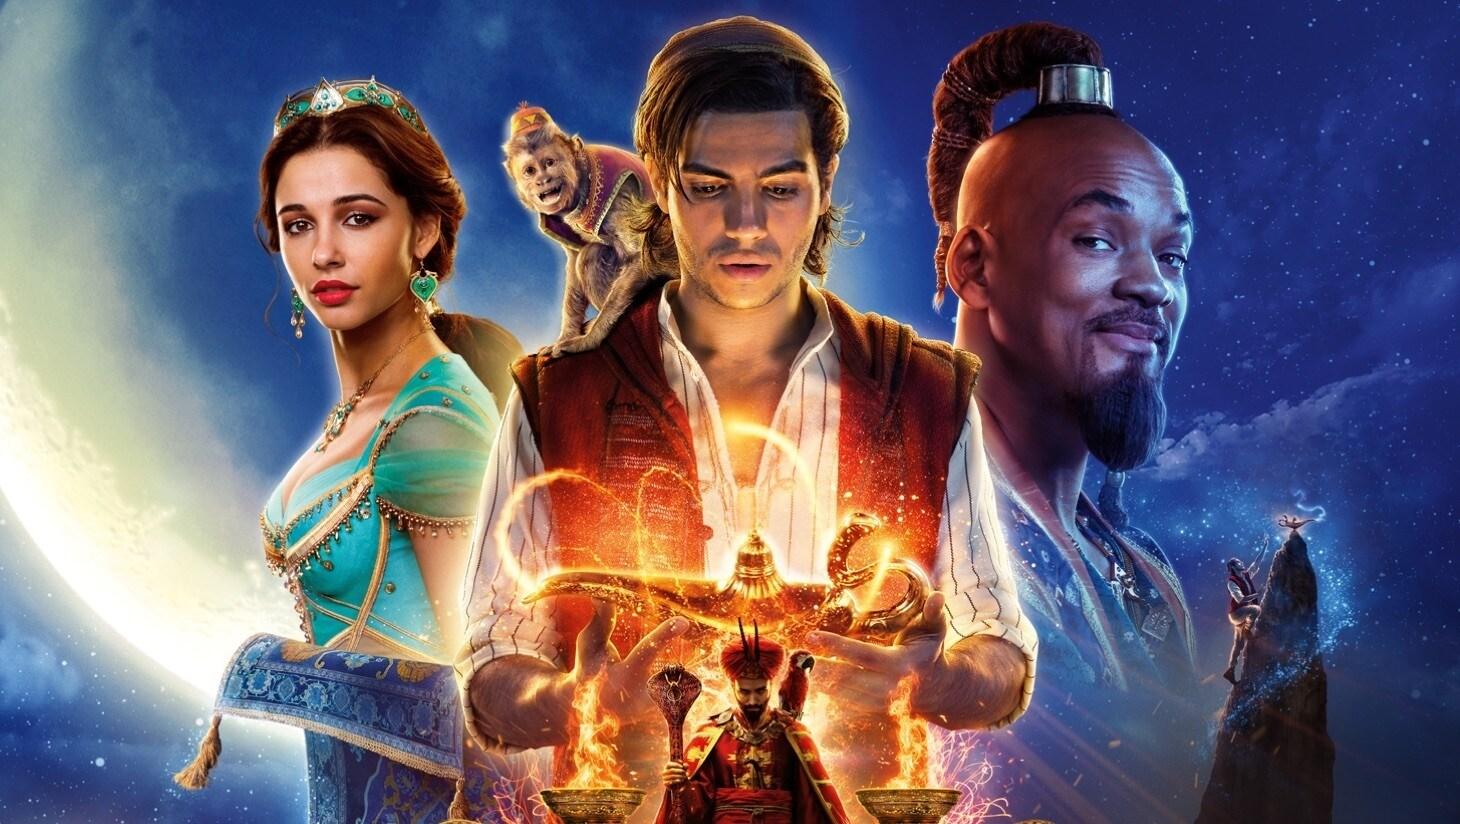 Aladdin, Abu, Jasmine, de Geest, Jafar en Iago voor een sterrenhemel